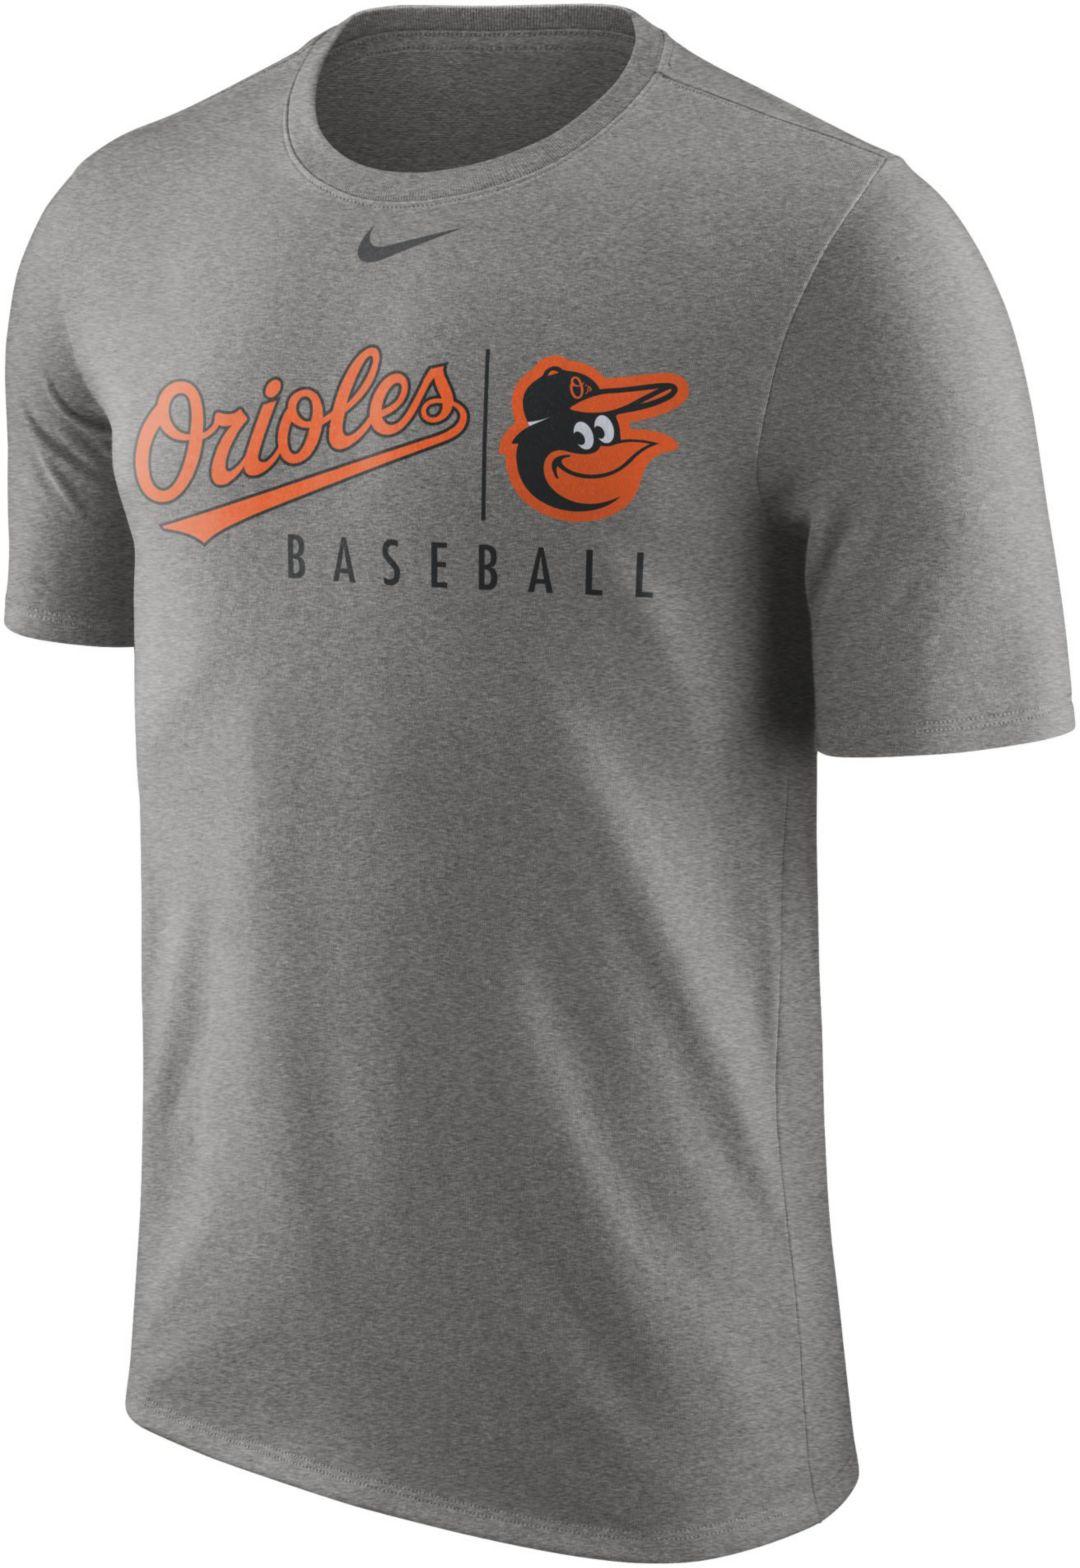 buy online 03c1d 21373 Nike Men's Baltimore Orioles Practice T-Shirt